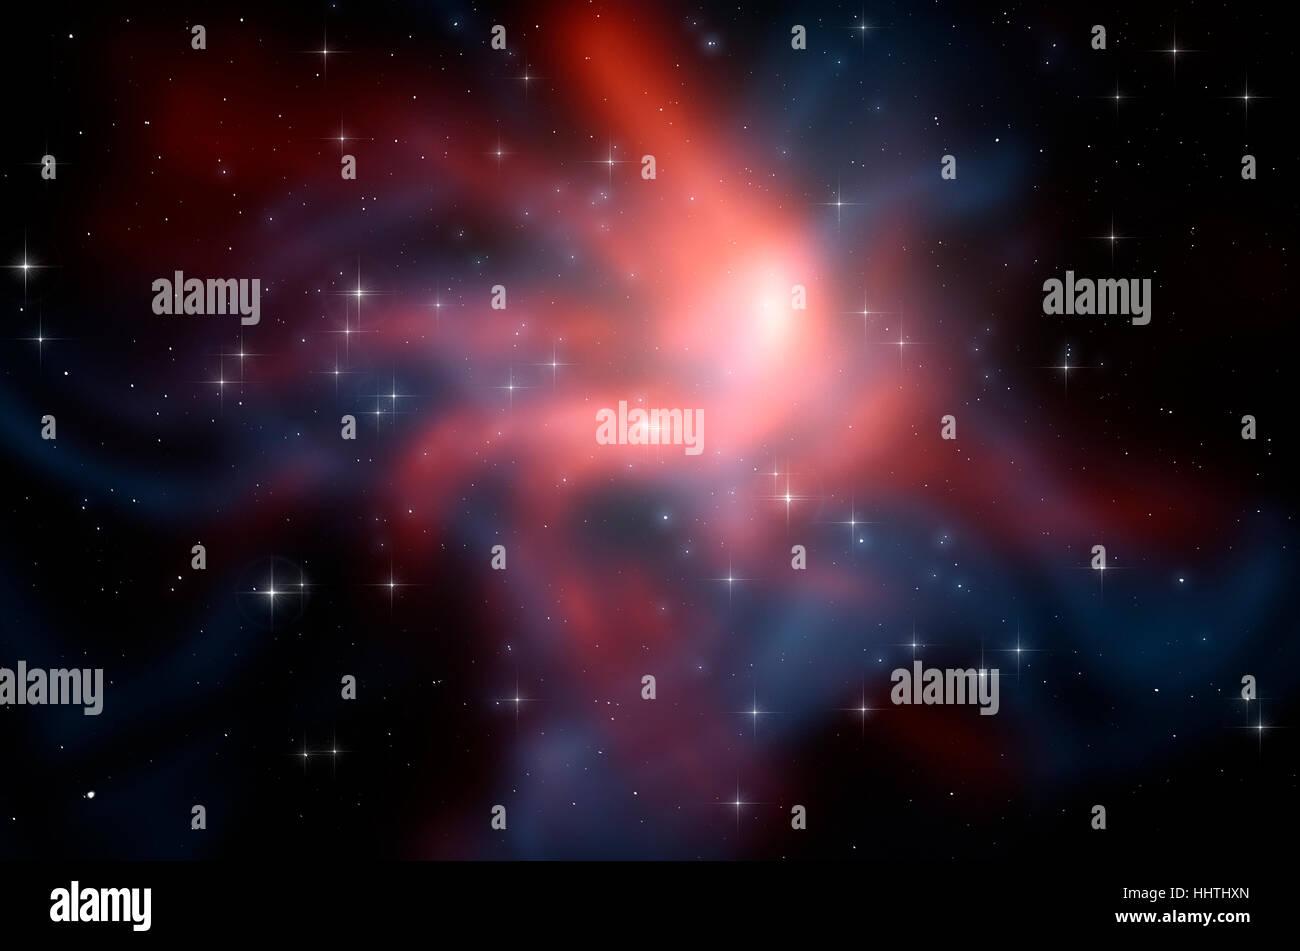 Abstract spazio esterno dello sfondo con stelle, nebulosa galassia nel cielo notturno, concetto di astronomia Immagini Stock